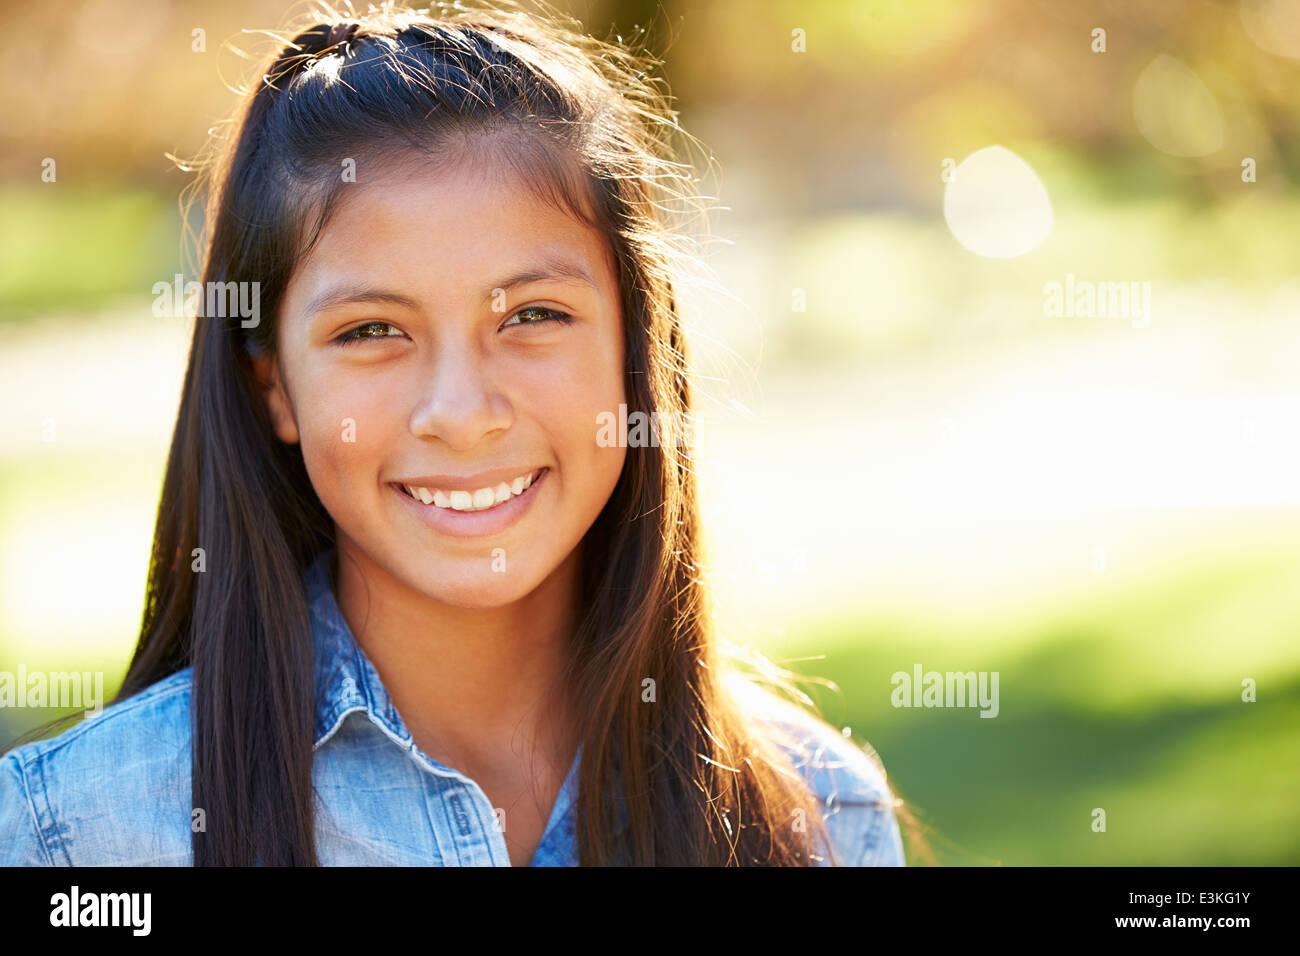 Porträt von hispanischen Mädchen In Landschaft Stockbild